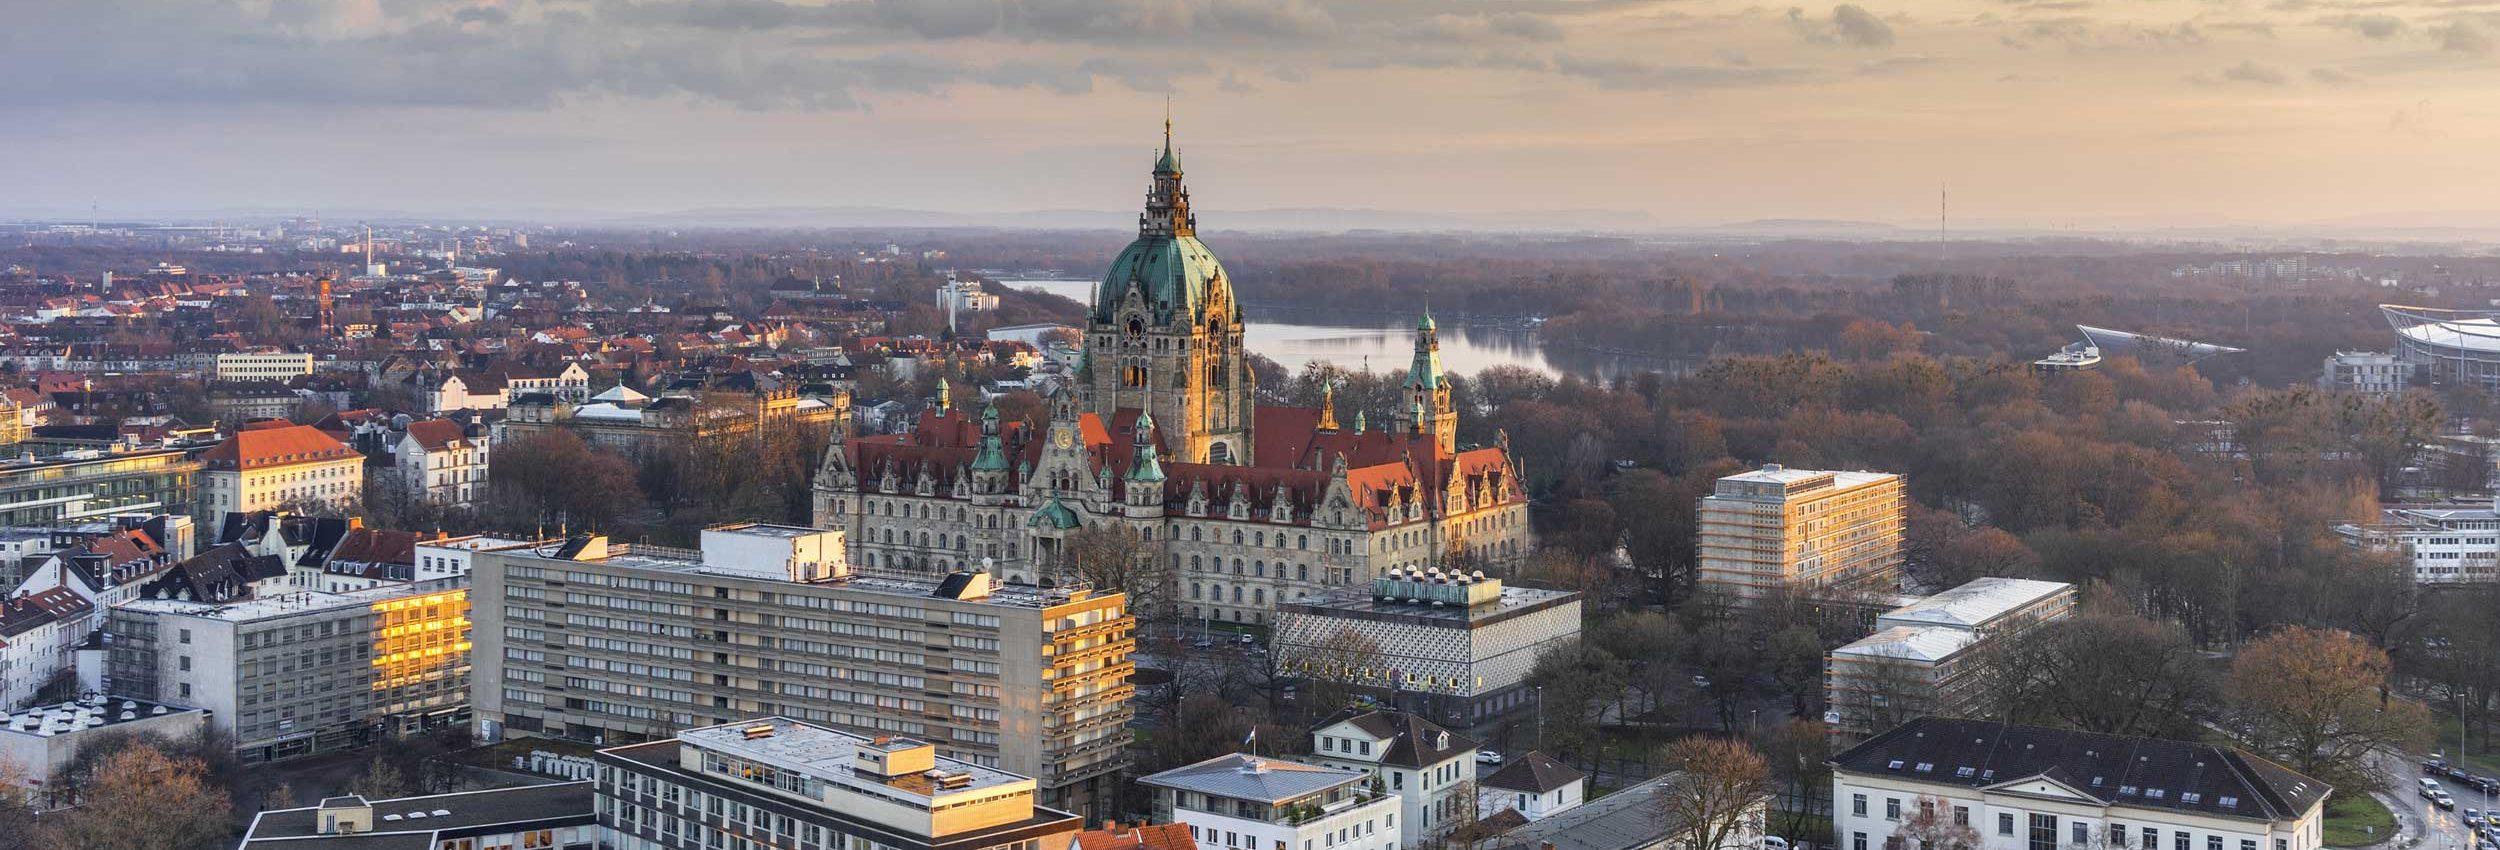 Germerott Immobilien - Immobilienmakler Hannover